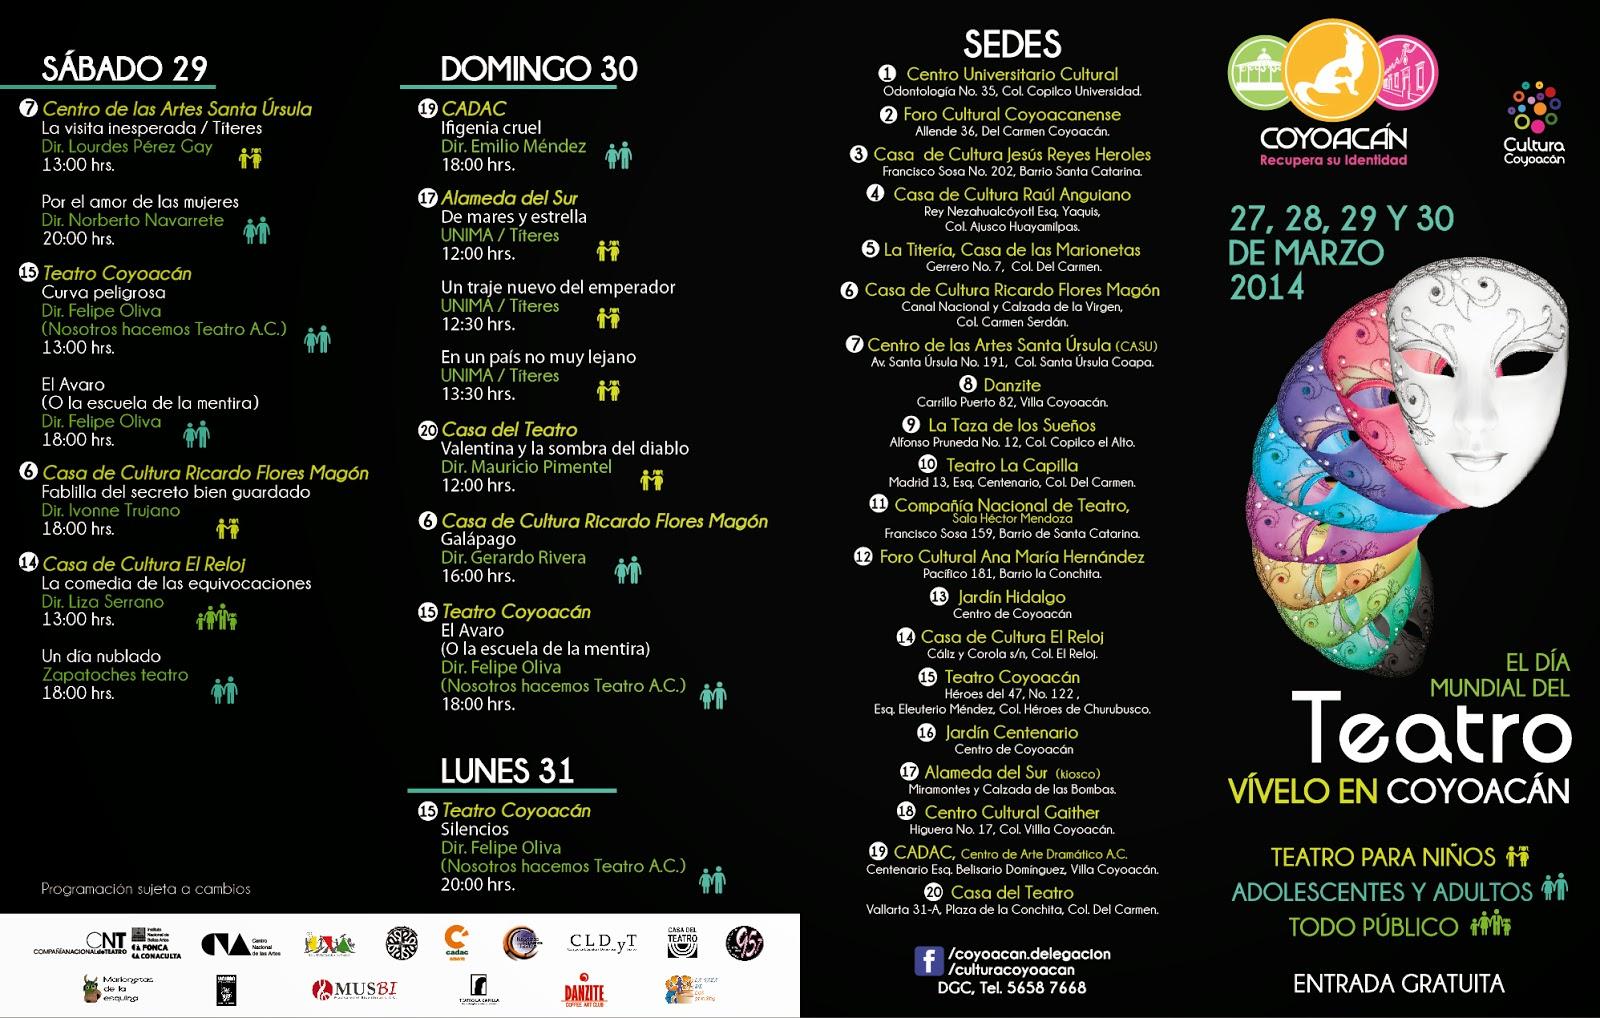 Vive el Día Mundial del Teatro en Coyoacán